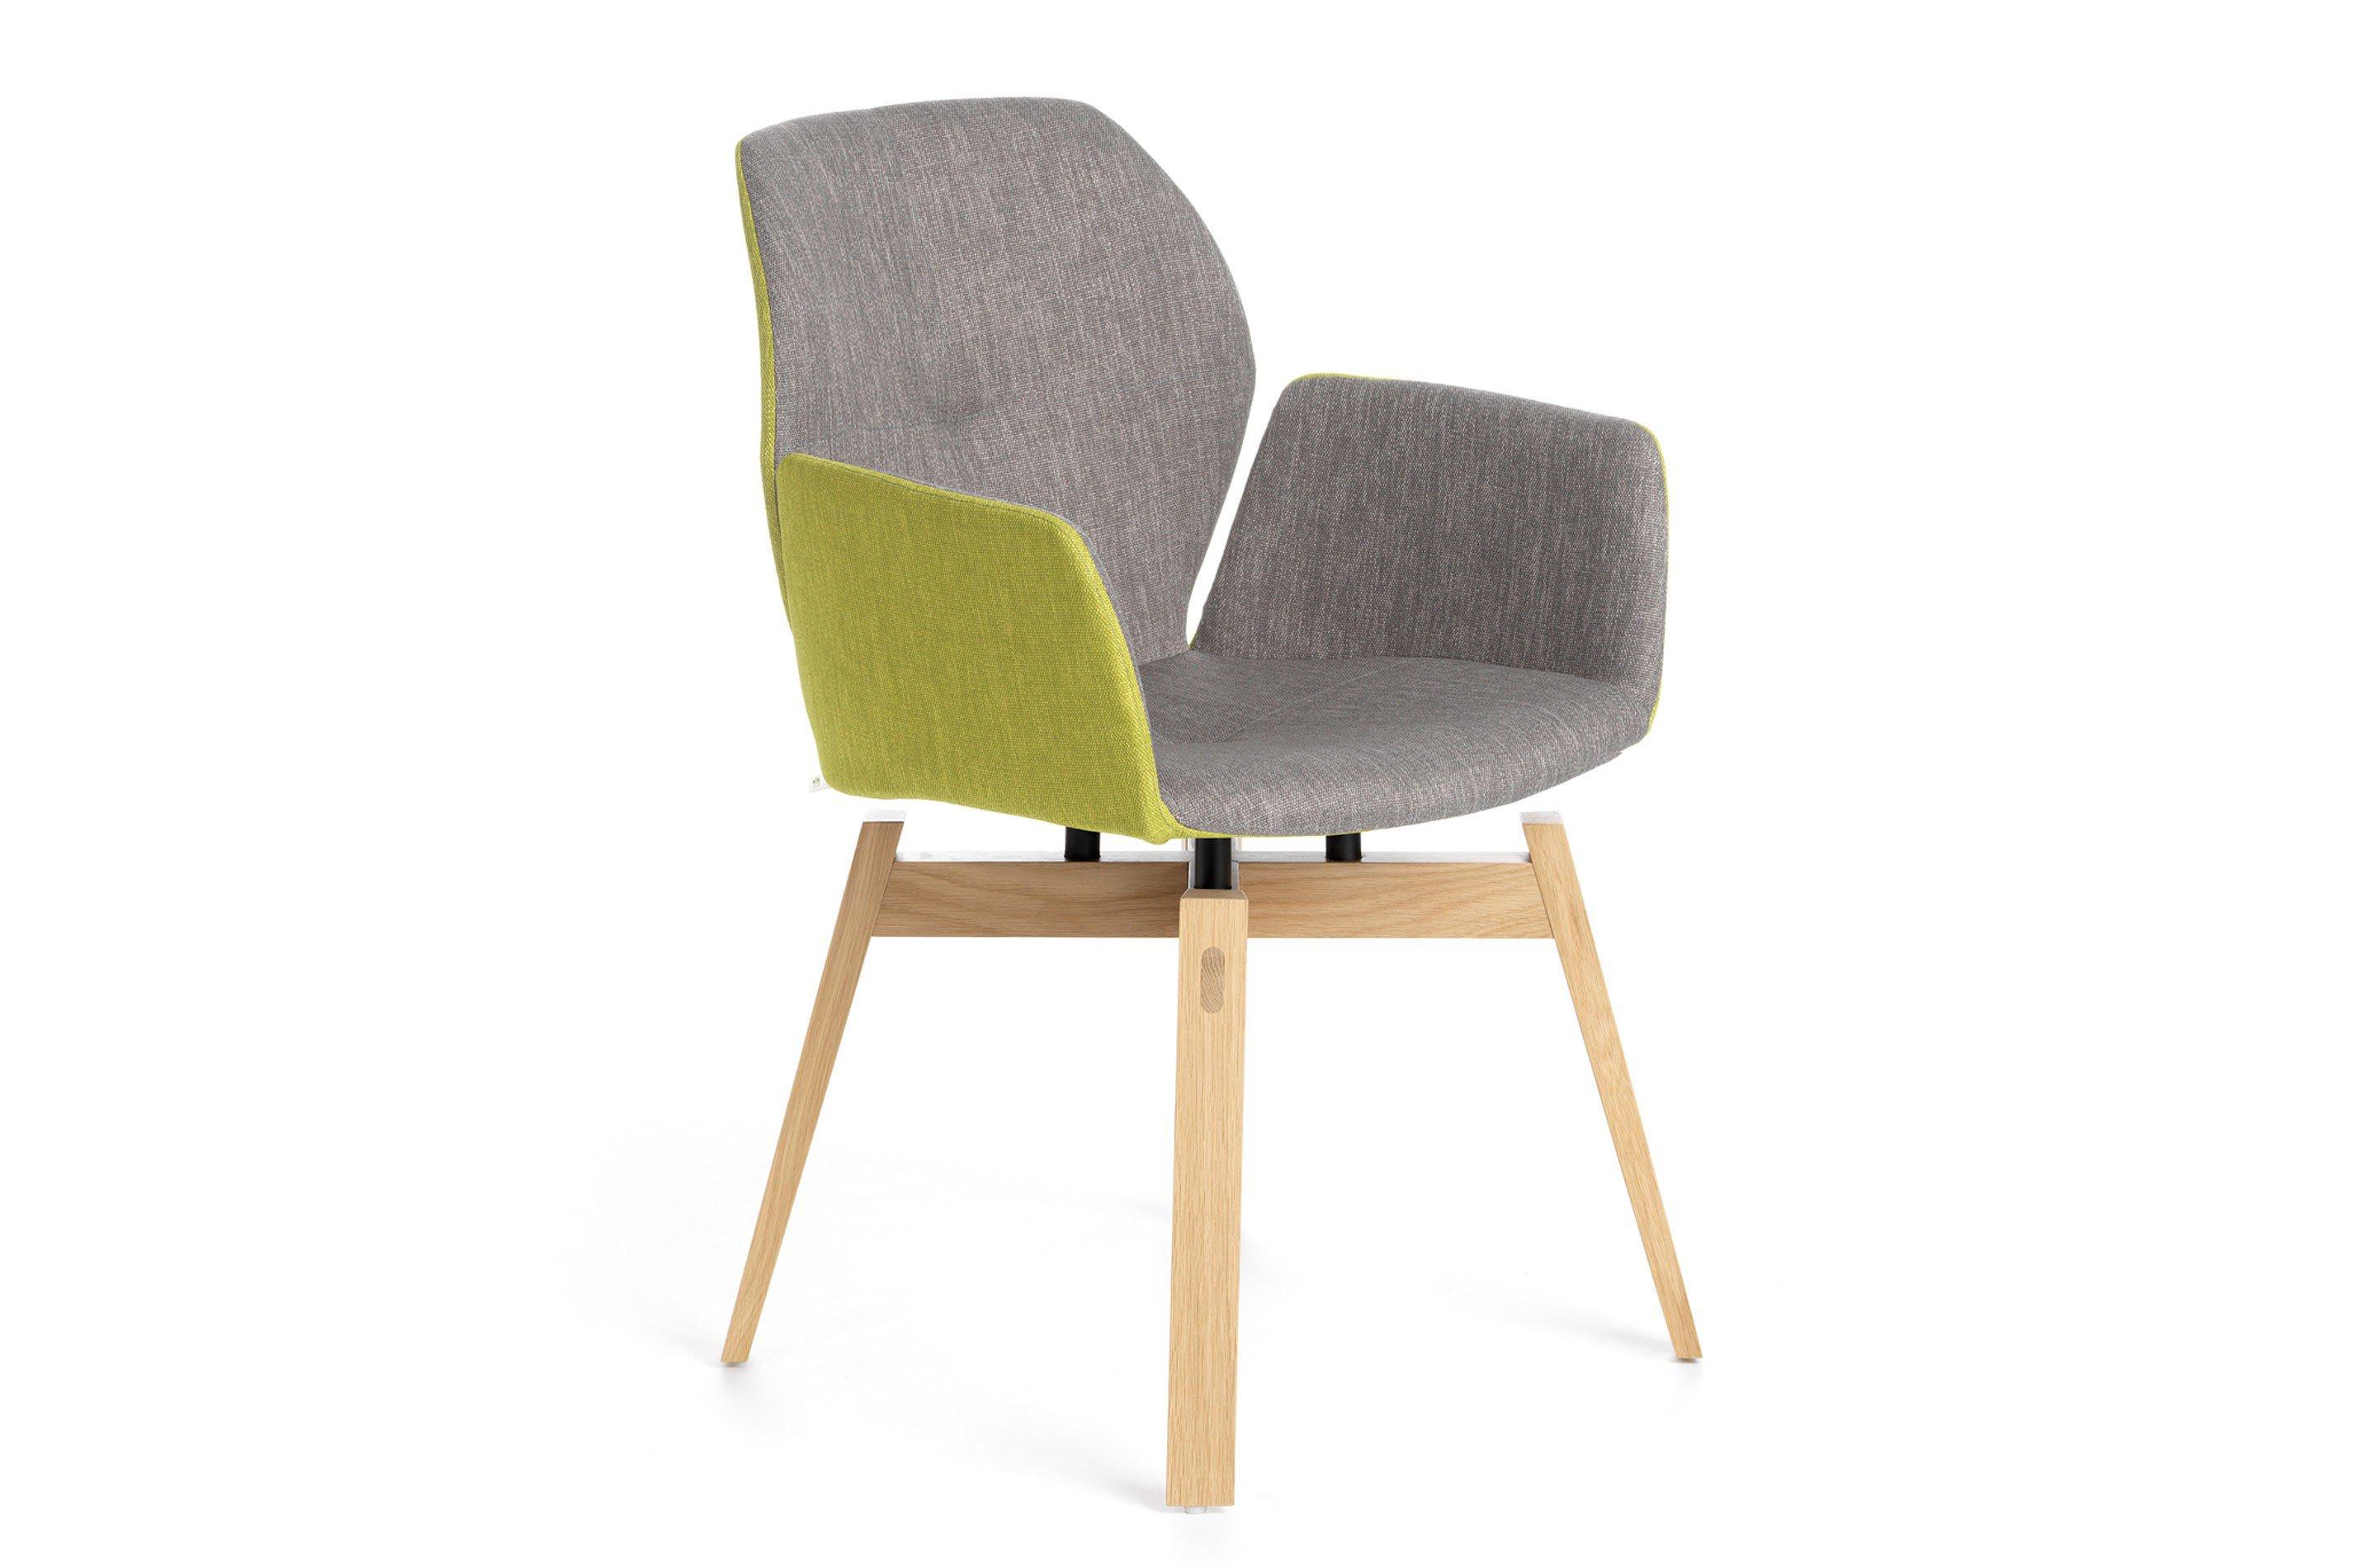 mobitec stuhl mood 95 bi grey lime eiche m bel letz ihr online shop. Black Bedroom Furniture Sets. Home Design Ideas